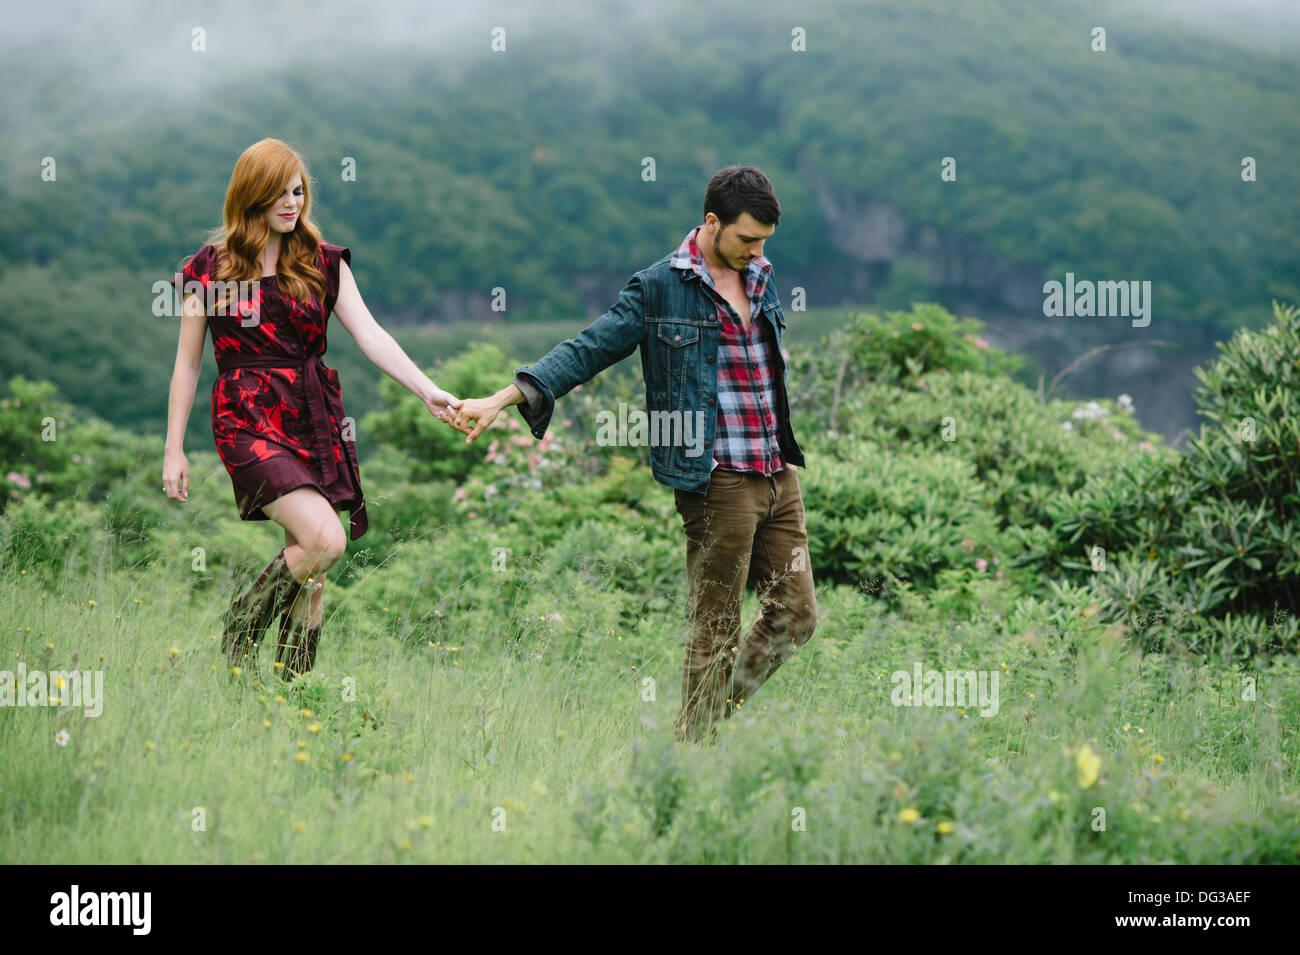 Coppia giovane tenendo le mani mentre si cammina attraverso il campo Immagini Stock